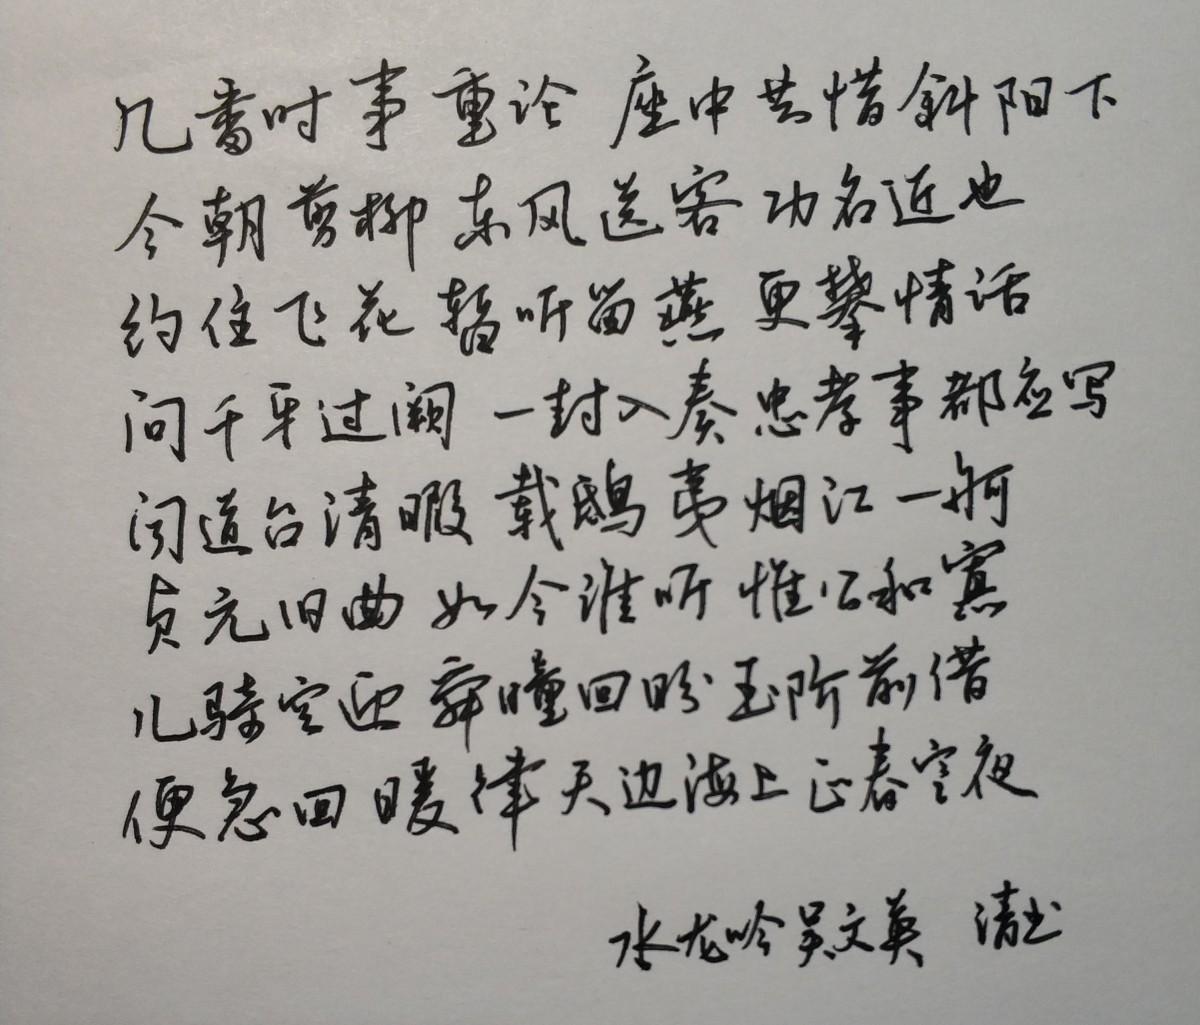 钢笔爱好者练字打卡20210126-20